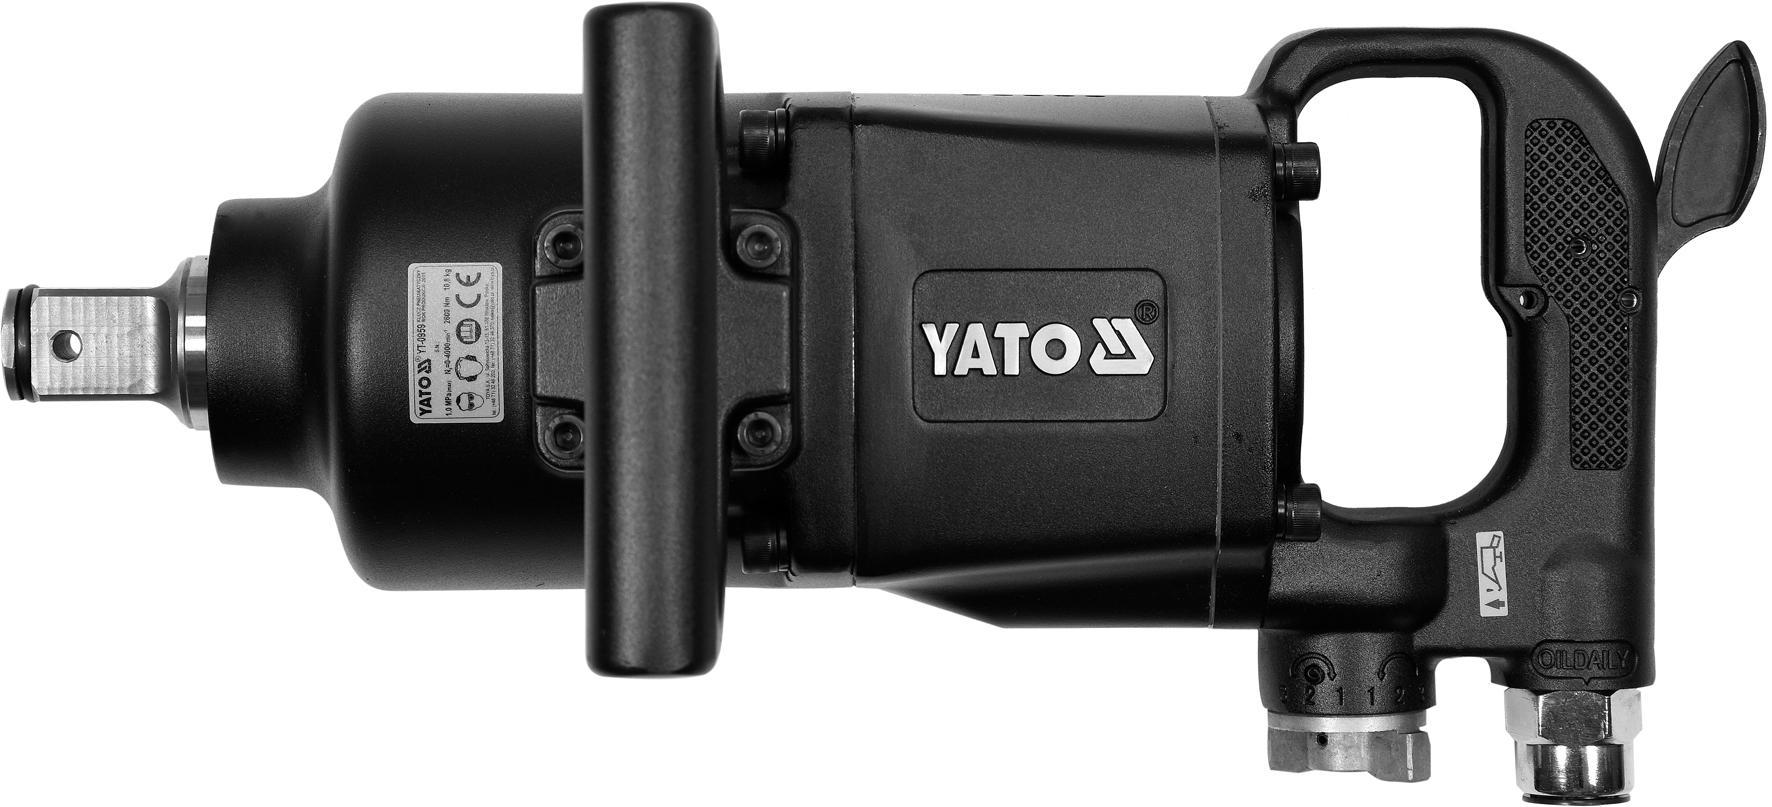 Serie scalpellatori YT-0959 YATO YT-0959 di qualità originale